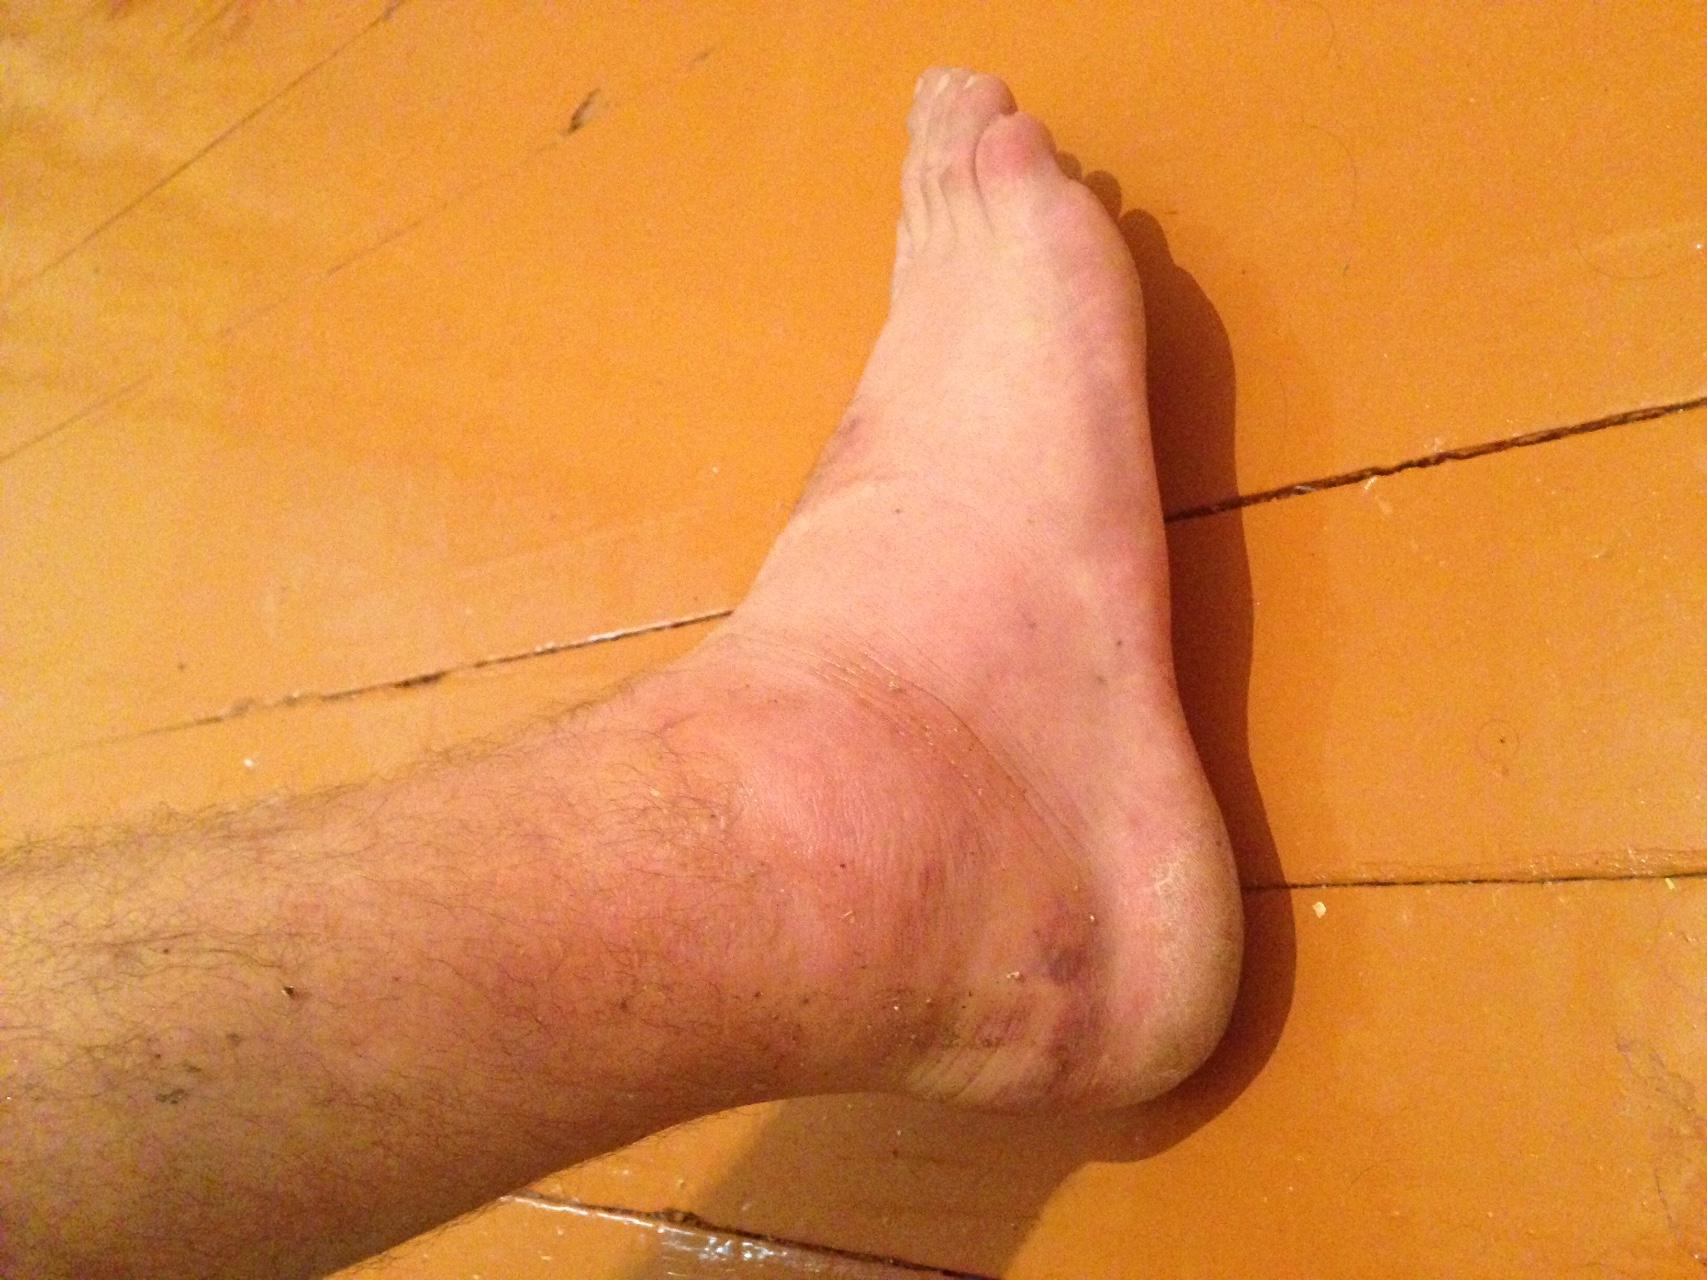 Ушиб ноги с отеком как и чем лечить в домашних условиях?